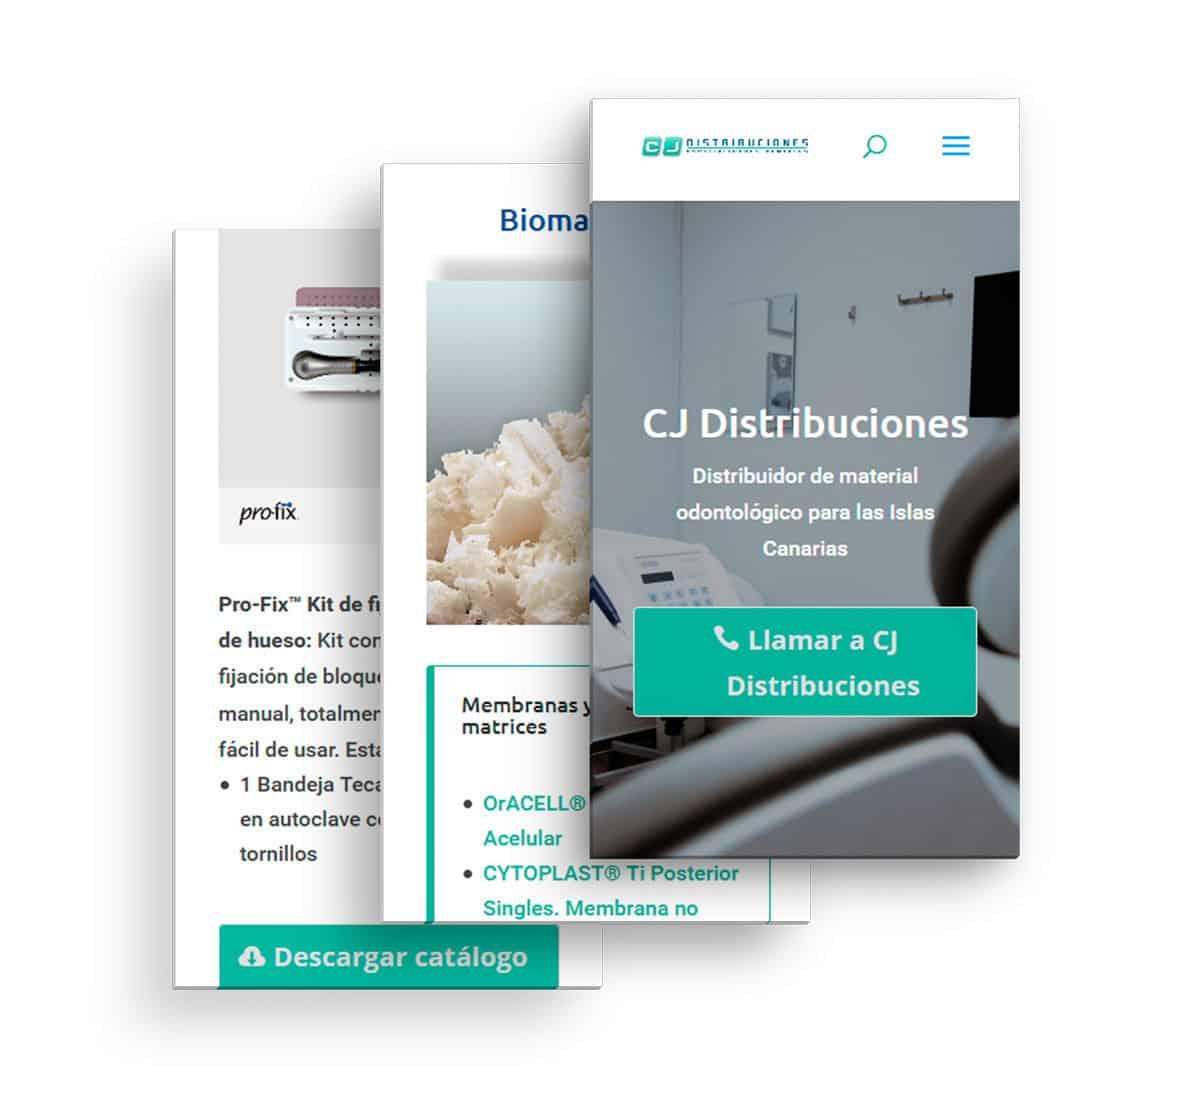 CJ Distribuciones, vista del sitio web en smartphone